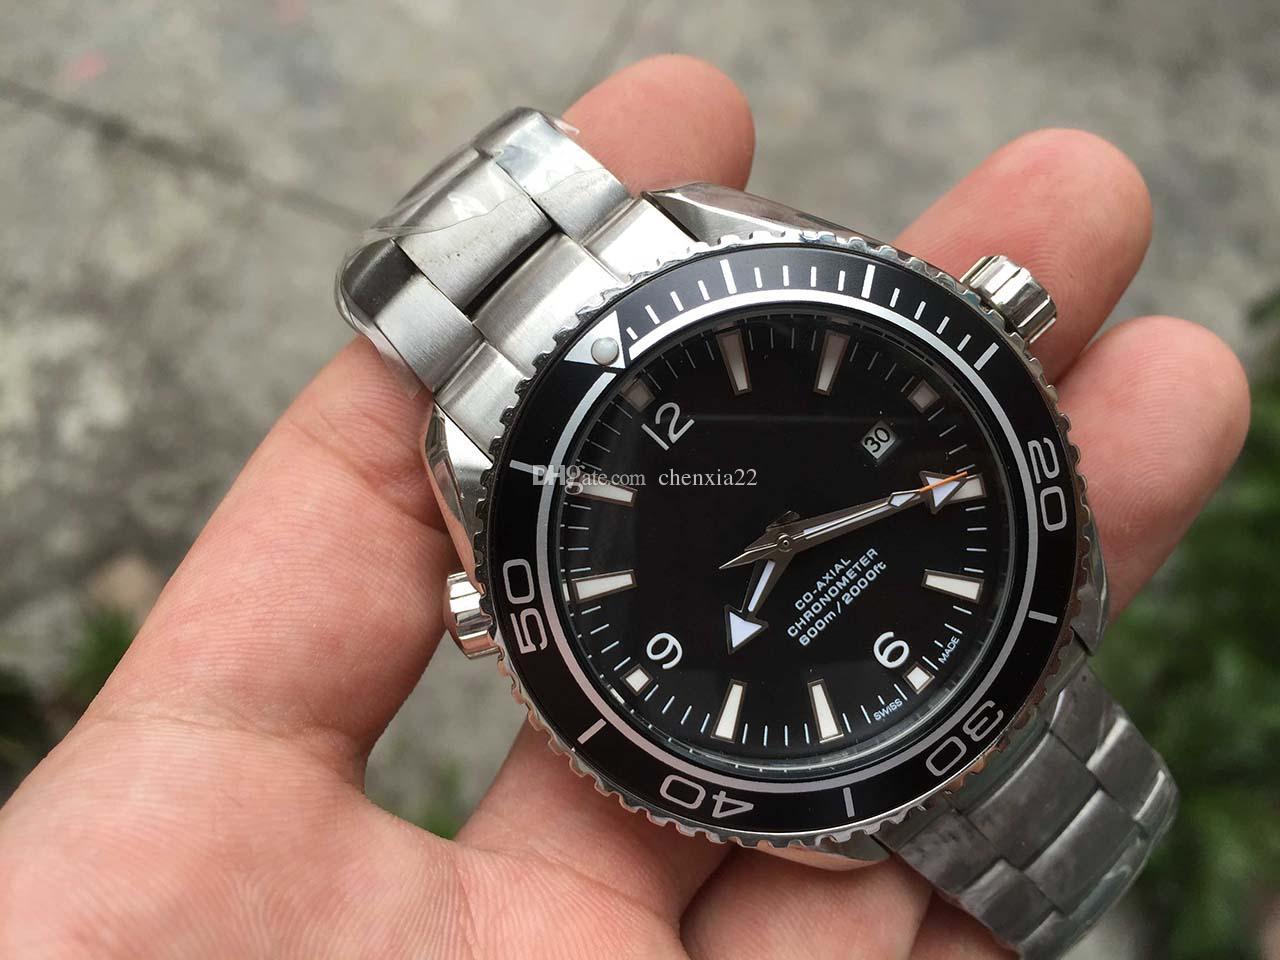 2019 Novos Relógios De Pulso Relógio de Moda de Alta Qualidade Mostrador Preto Movimento Mecânico Automático dos homens Inoxidável Assista Homens Relógios OME30